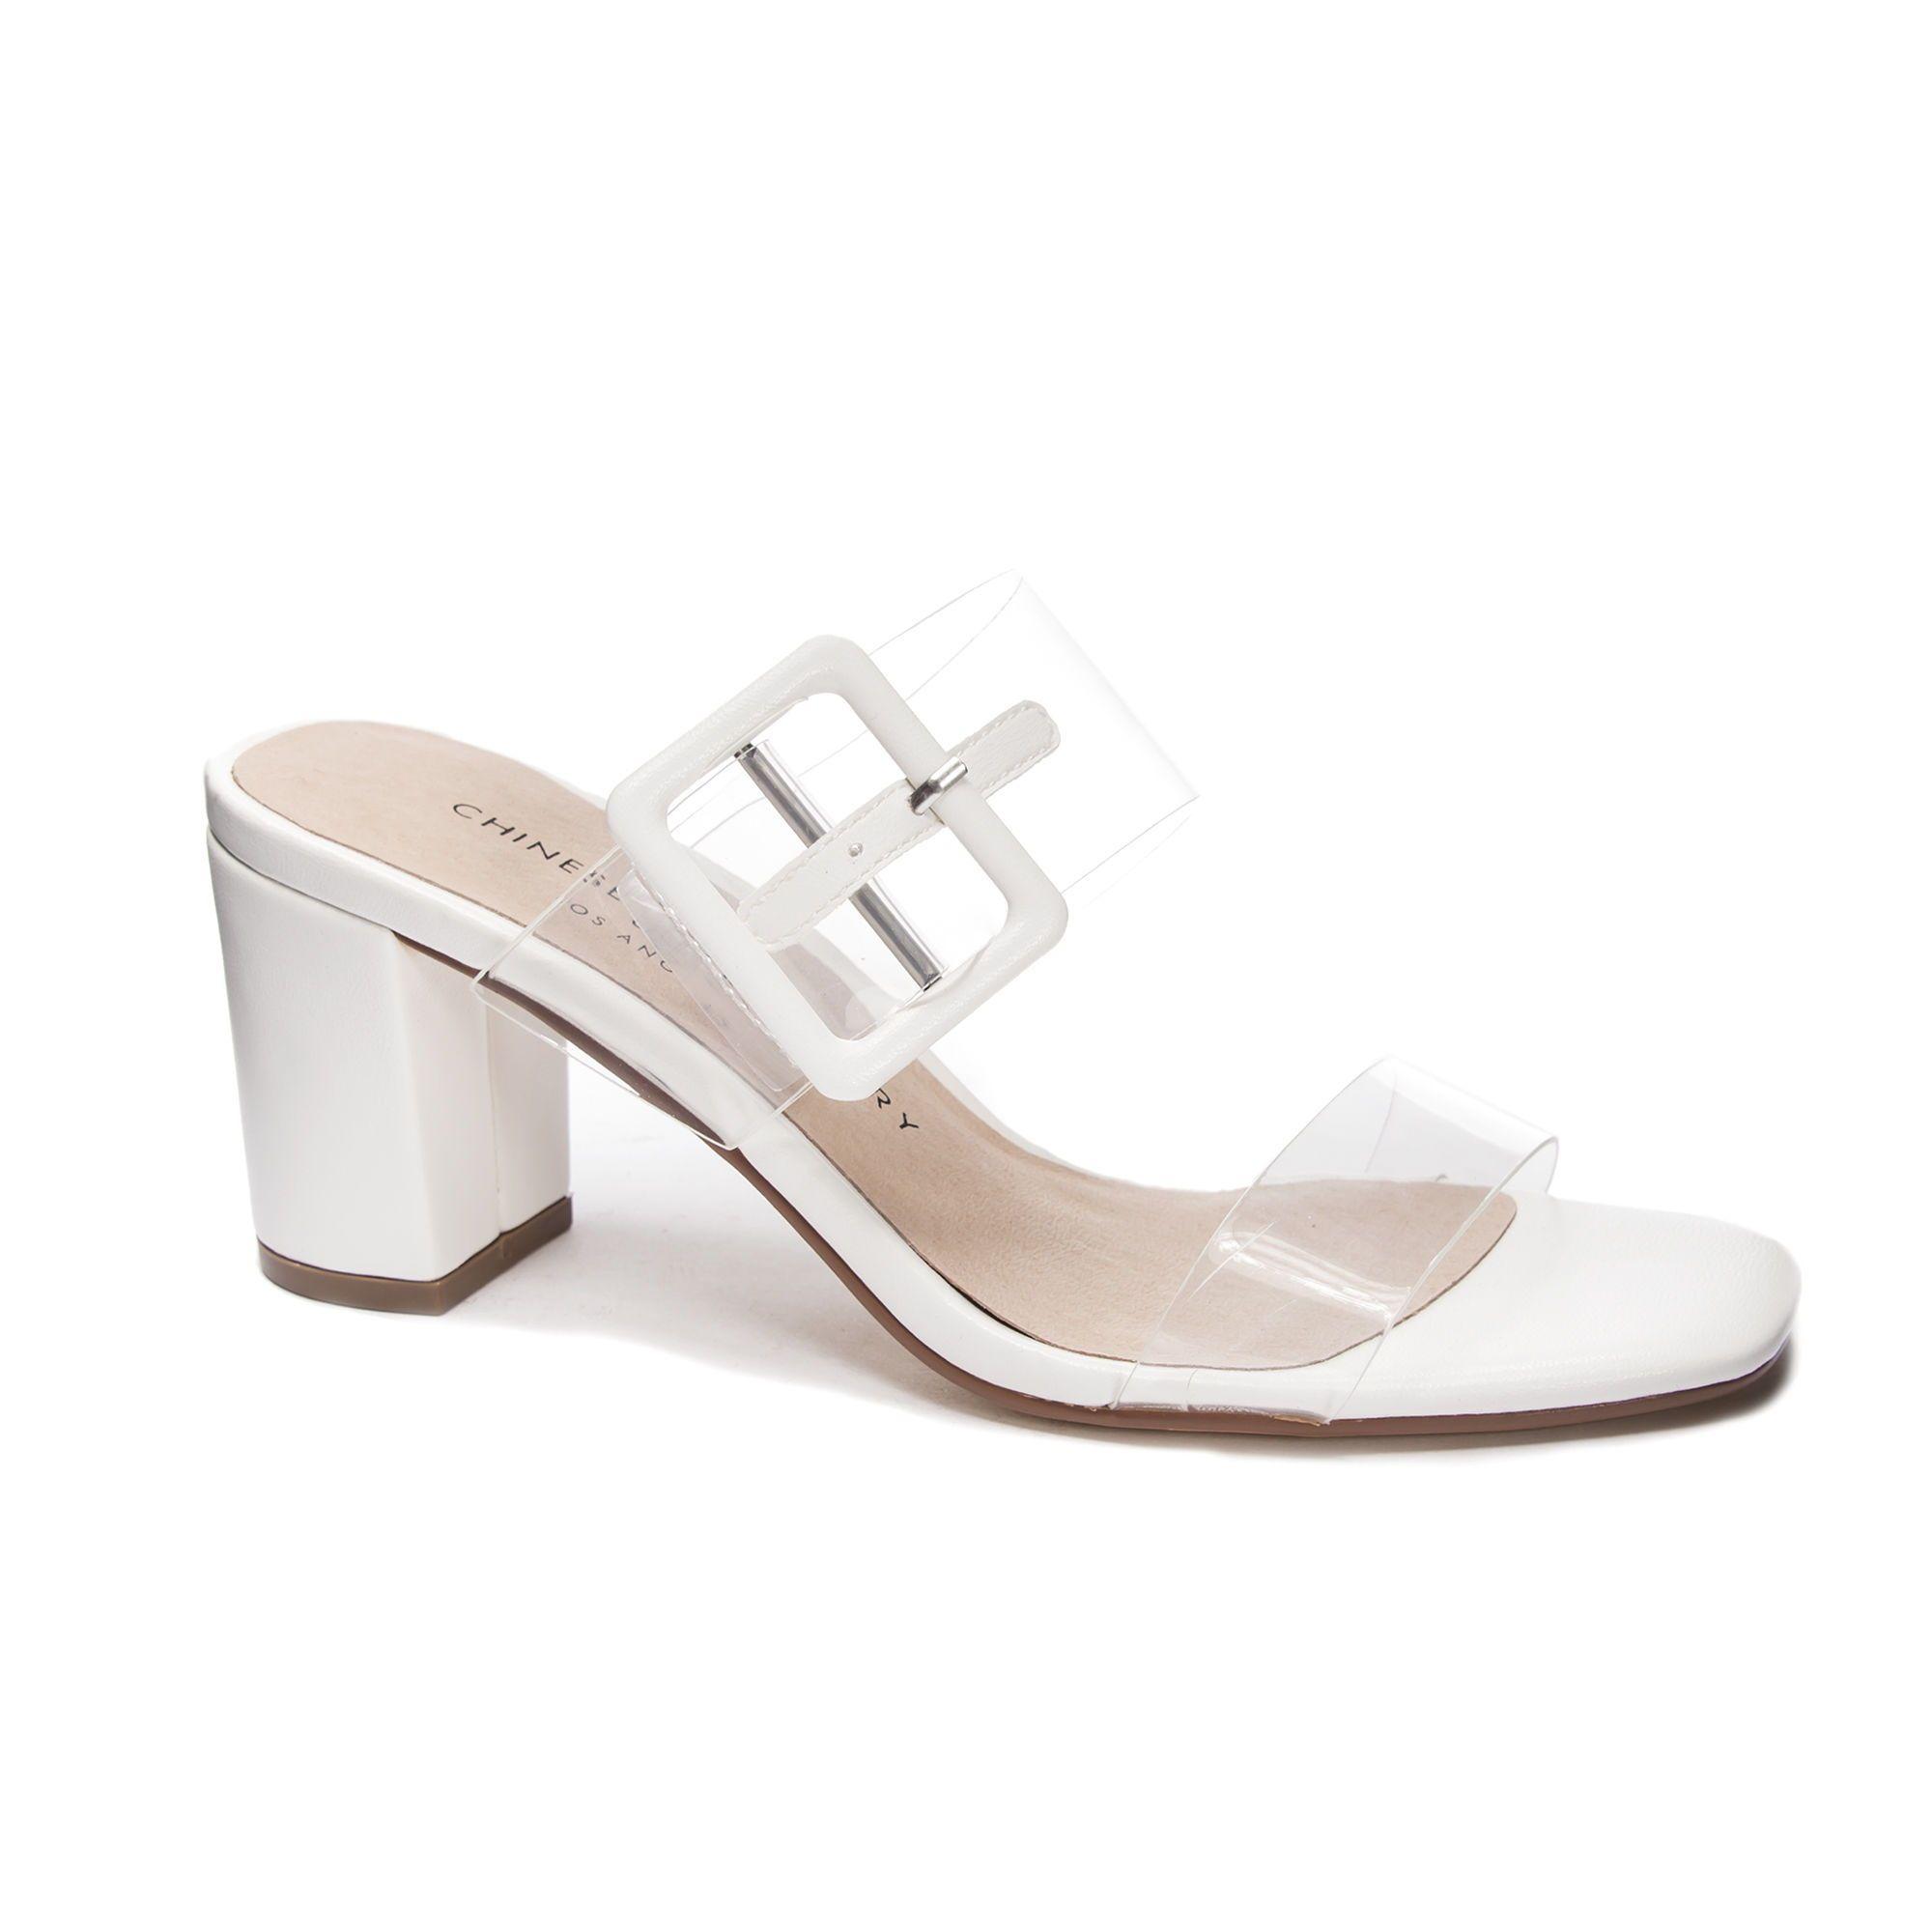 Yippy Slide Sandal   White sandals